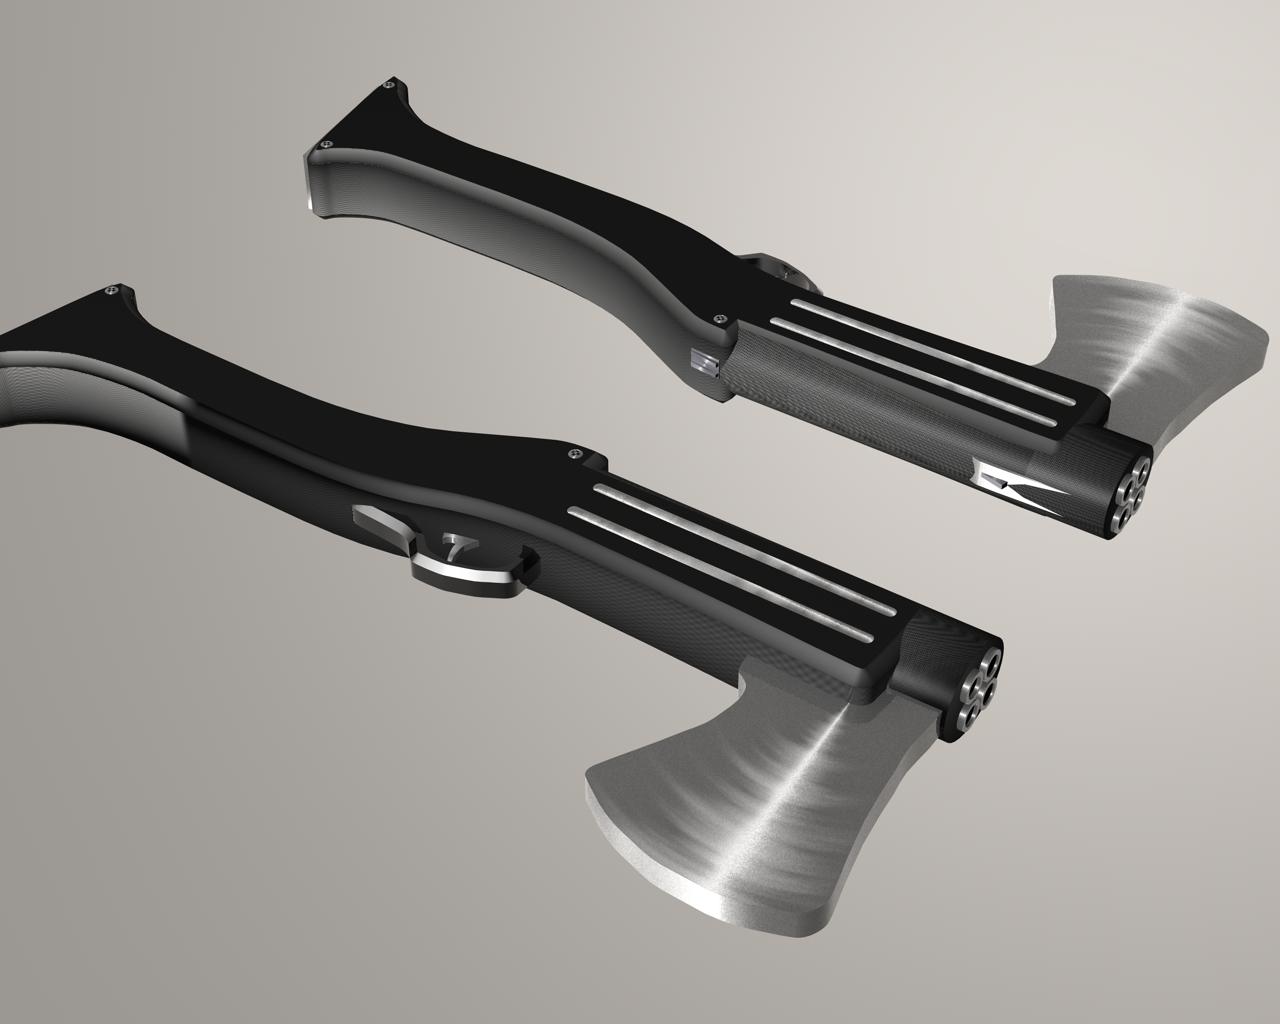 Drawn shotgun axe Quad Axe shield Axe Shotgun